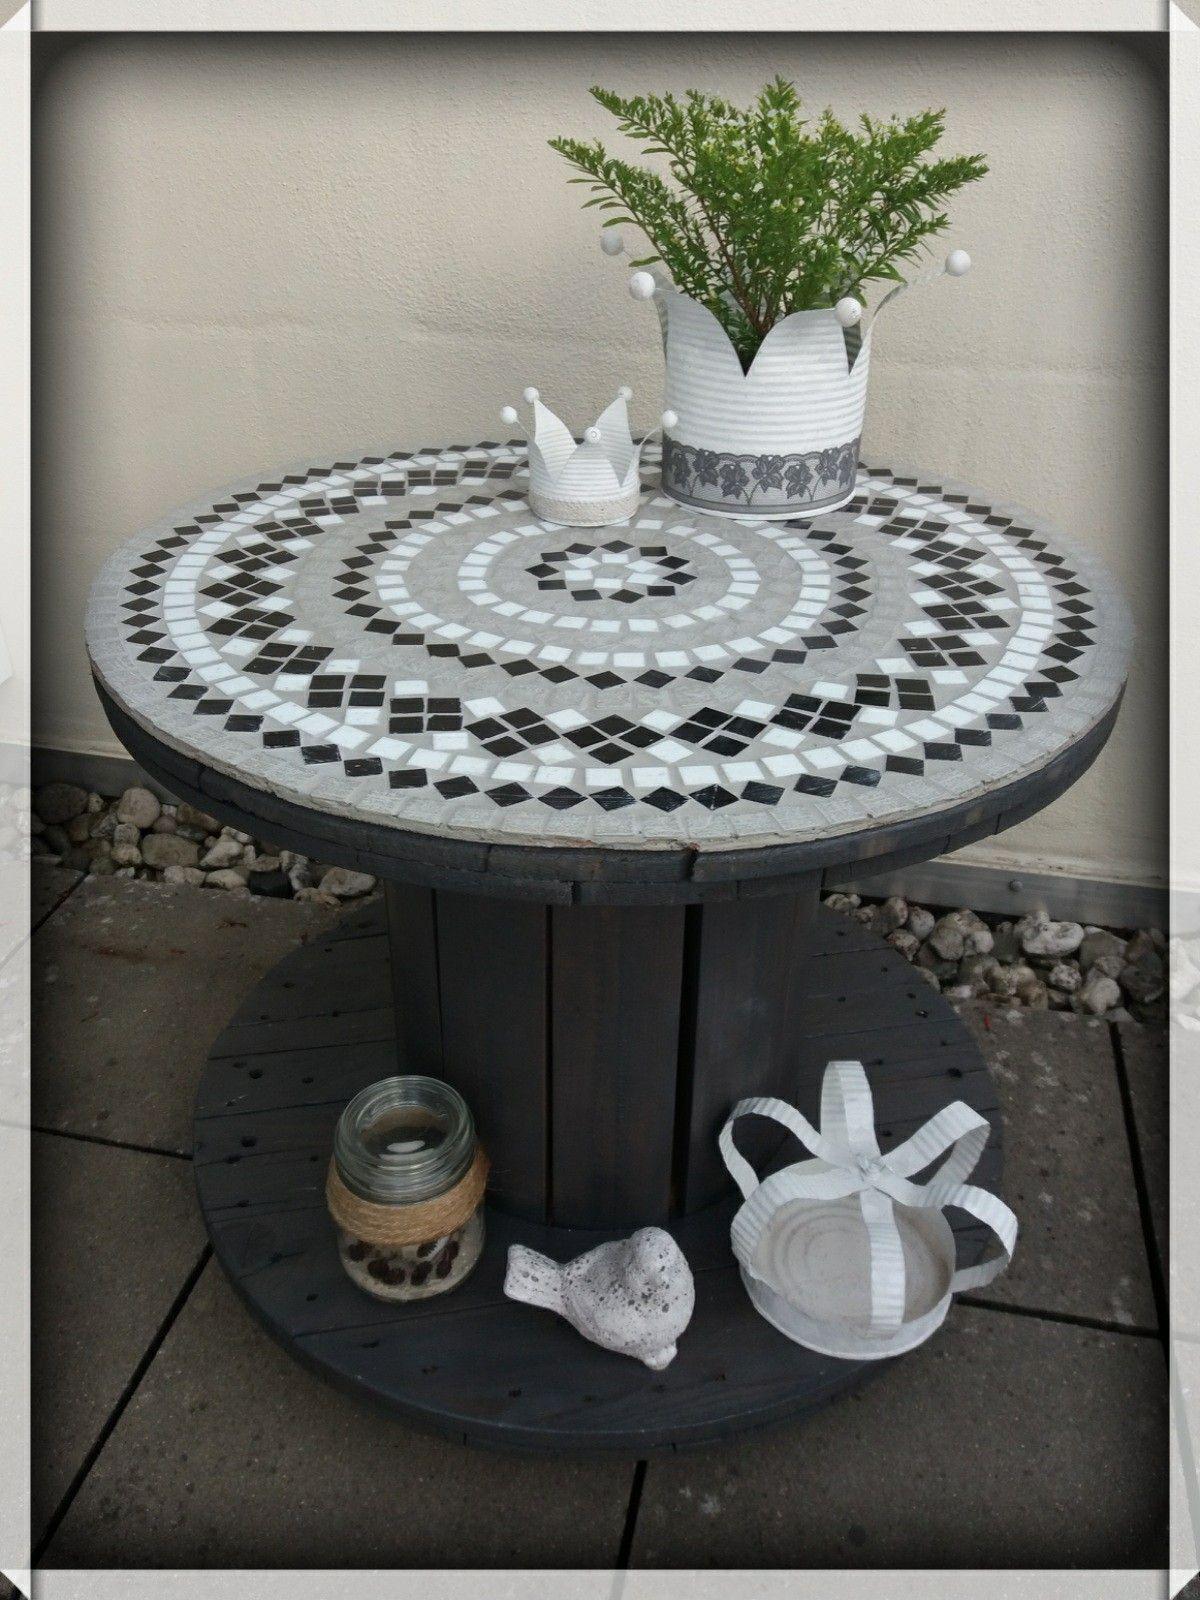 Kabeltrommel Tisch mit Mosaik | Kabeltrommel tisch